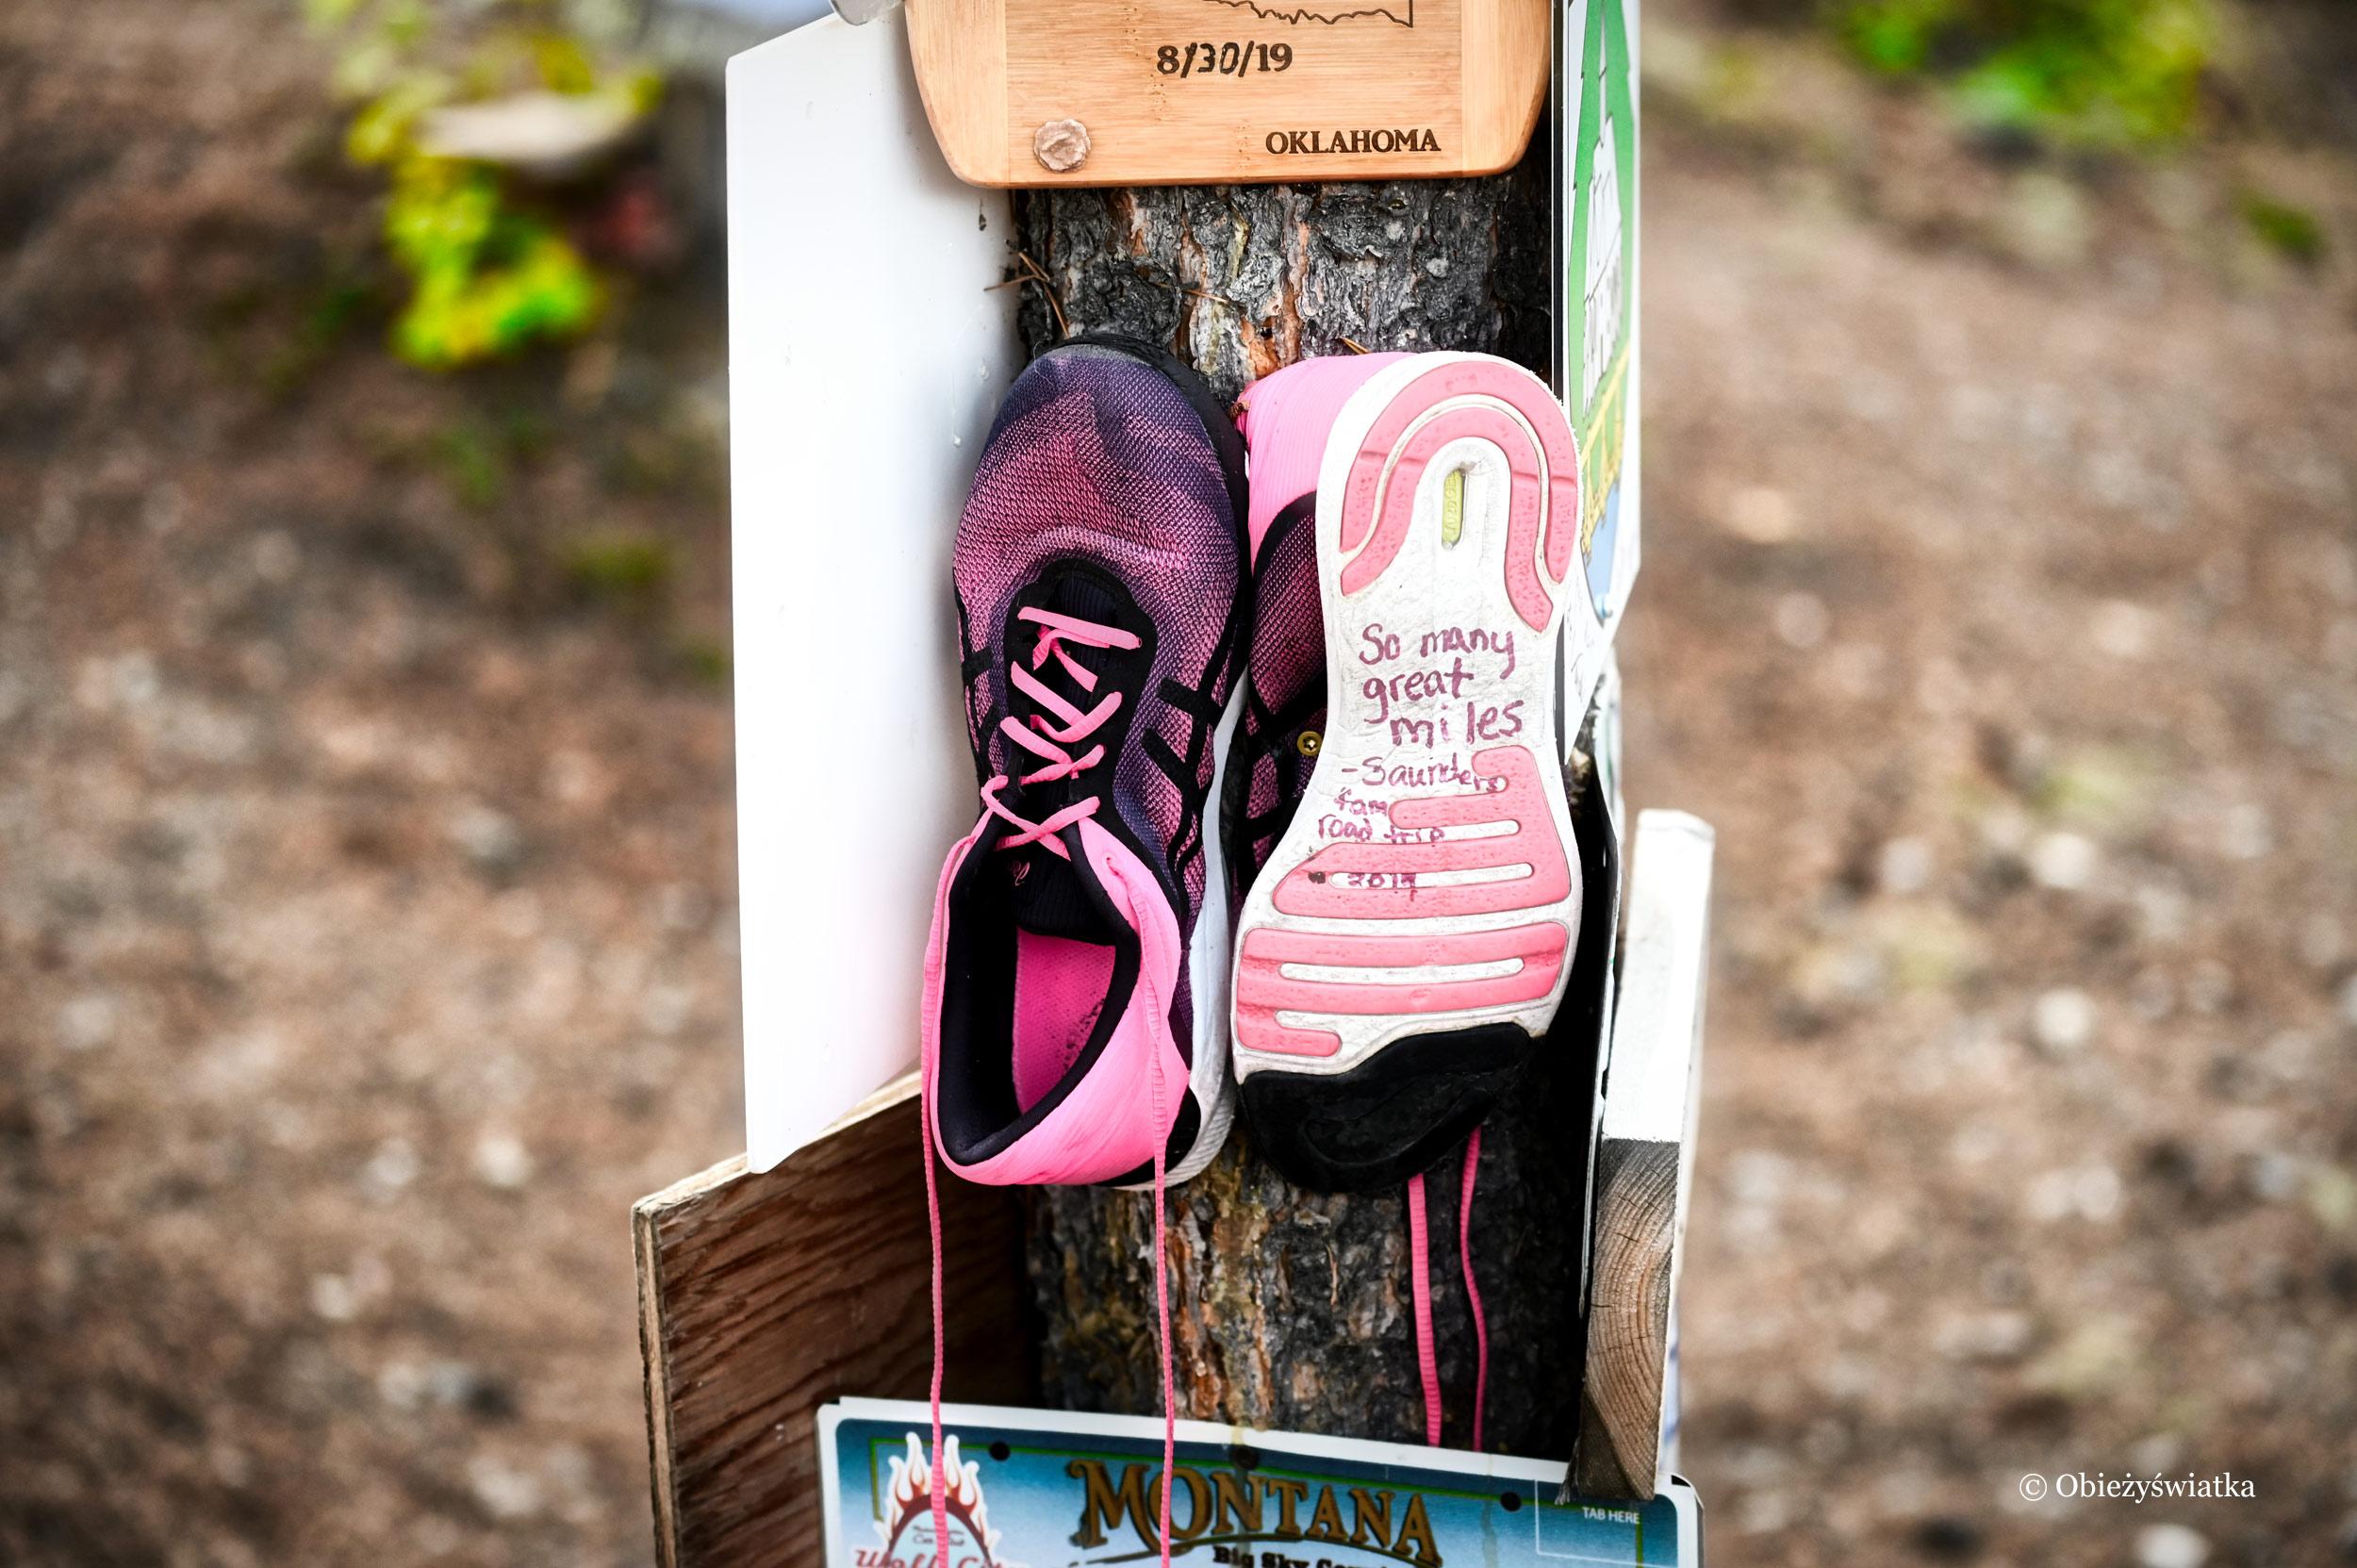 Patelnie, garnki, narty i podeszwy.... - Sign Post Forest, Watson Lake